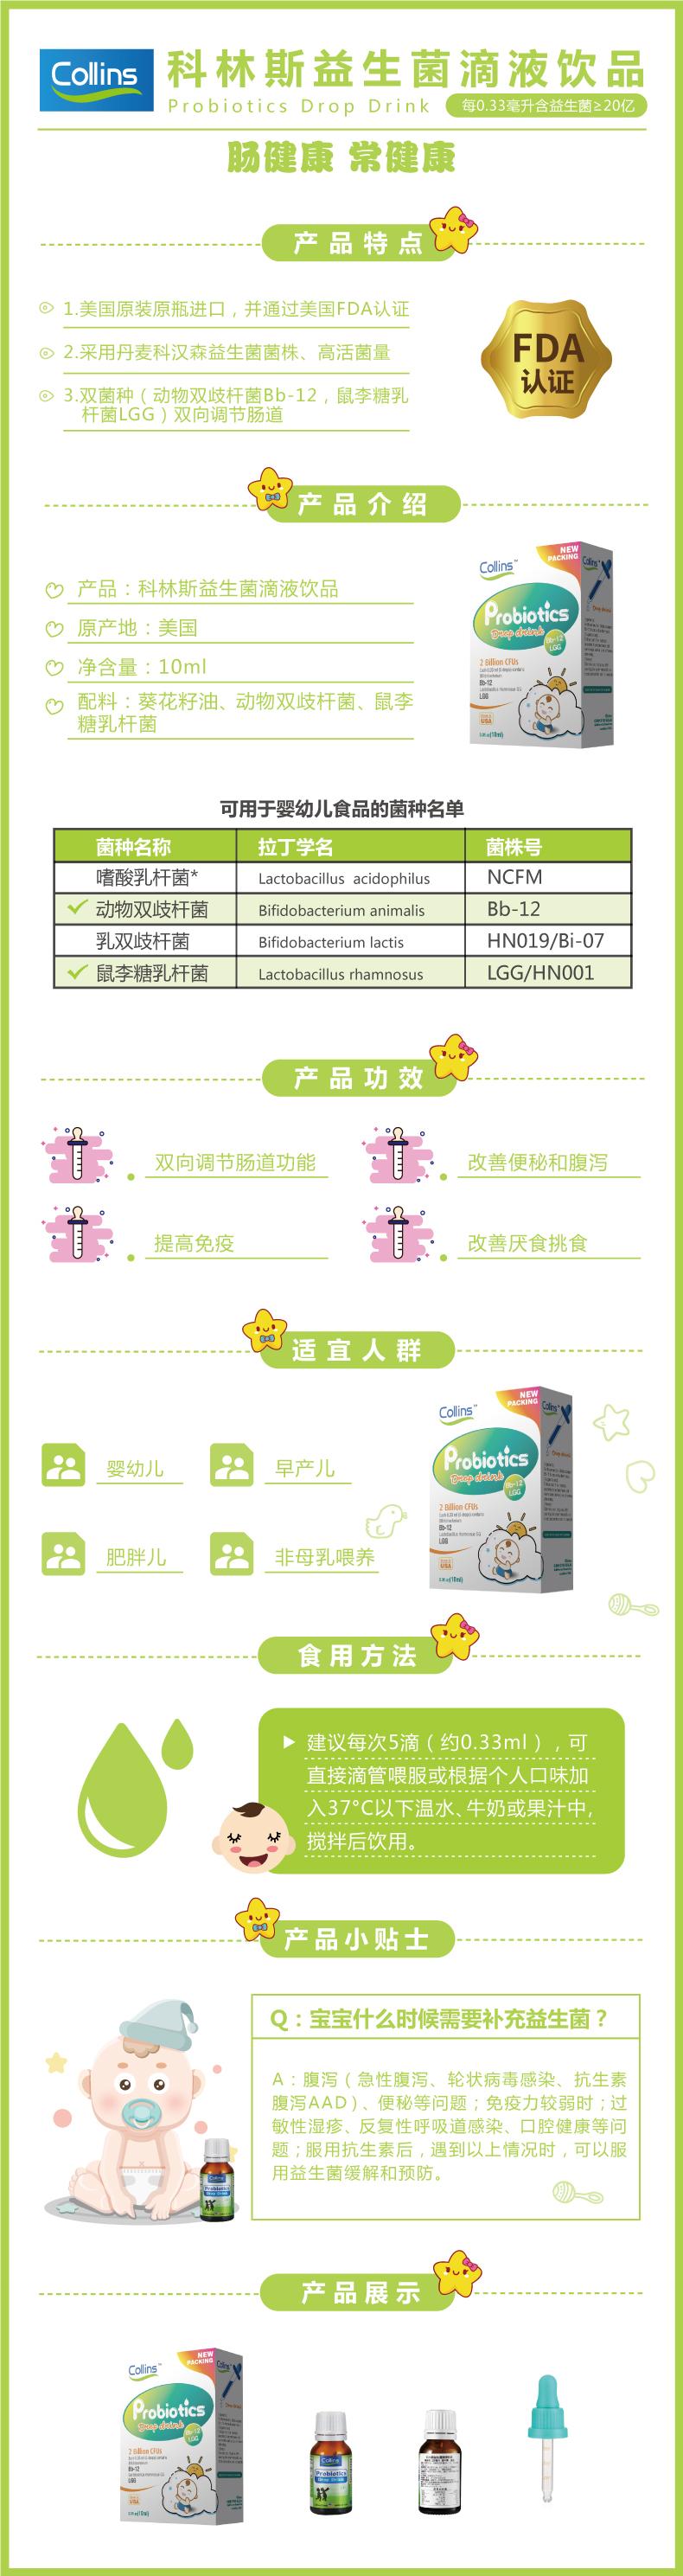 益生菌产品介绍-新包装.jpg